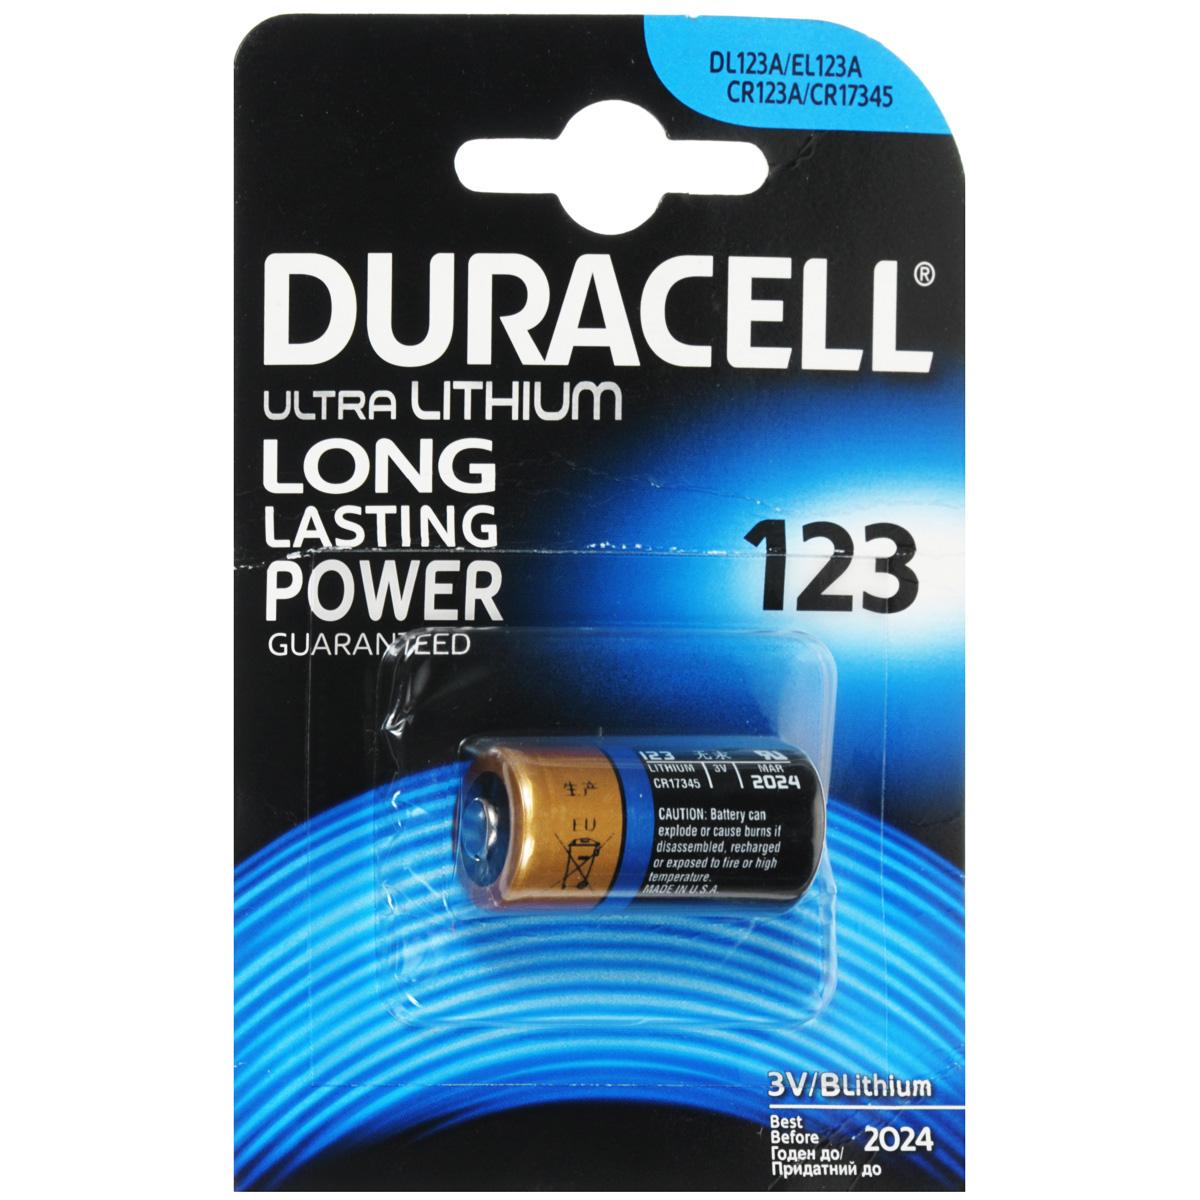 Батарейка литиевая Duracell Ultra. DRC-81476860тDRC-81476860Батарейка литиевая Duracell Ultra используется для фотоаппаратов с типразмером батареи DL123A / EL133A / CR123A / CR17345.Большинство из современных цифровых фотоаппаратов предъявляют серьёзные требования к таким характеристикам батареек, как емкость и способность к быстрому возобновлению энергии. В качестве ответа на эту всё возрастающую потребность появились специальные литиевые батарейки для фотоаппаратов, лидером в производстве которых является Duracell. Литиевые элементы питания характеризуют:высокая мощность, что позволяет использовать их для фототехники;более высокое напряжение, чем источники тока других электрохимических систем (3В);низкий уровень саморазряда; длительный срок хранения (10 лет);широкий диапазон рабочих температур.Не разбирать, не перезаряжать, не подносить к открытому огню. Не устанавливать одновременно новые и использованные батарейки, а также батарейки различных марок, систем и типов. При установке соблюдать полярность (+/-). Хранить в недоступном для детей месте.